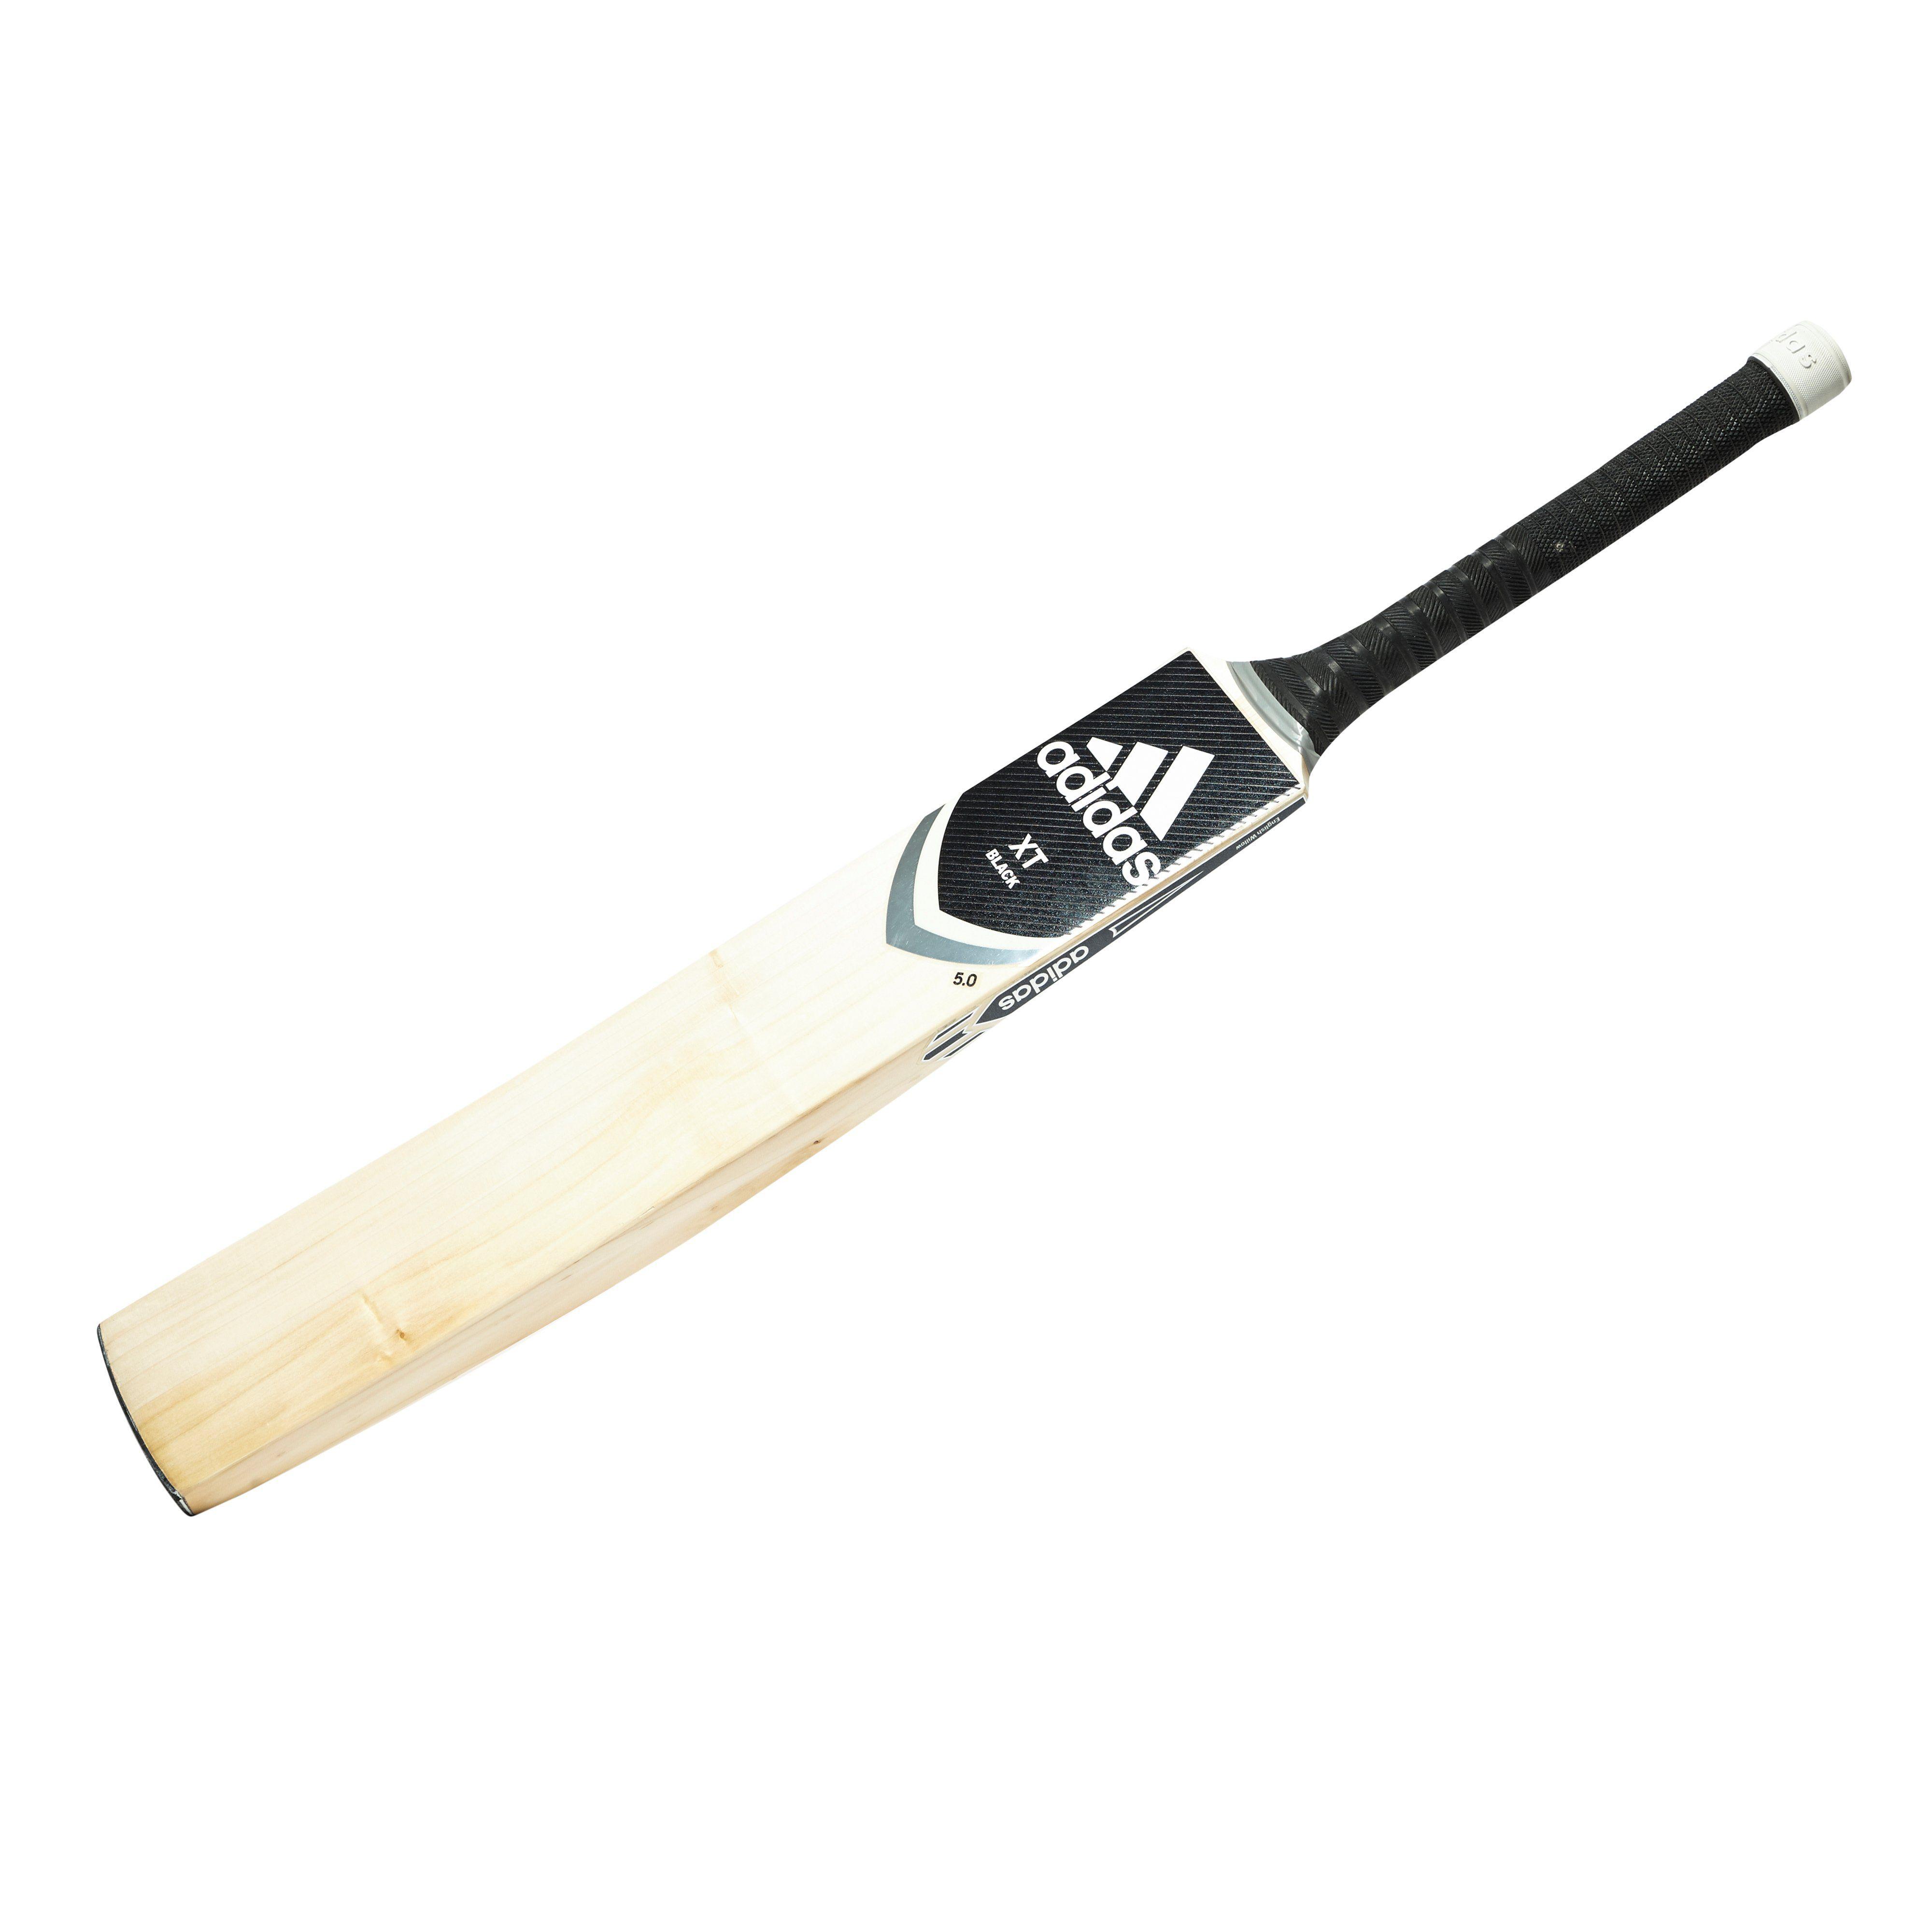 adidas Xt Black 5.0 Cricket Bat